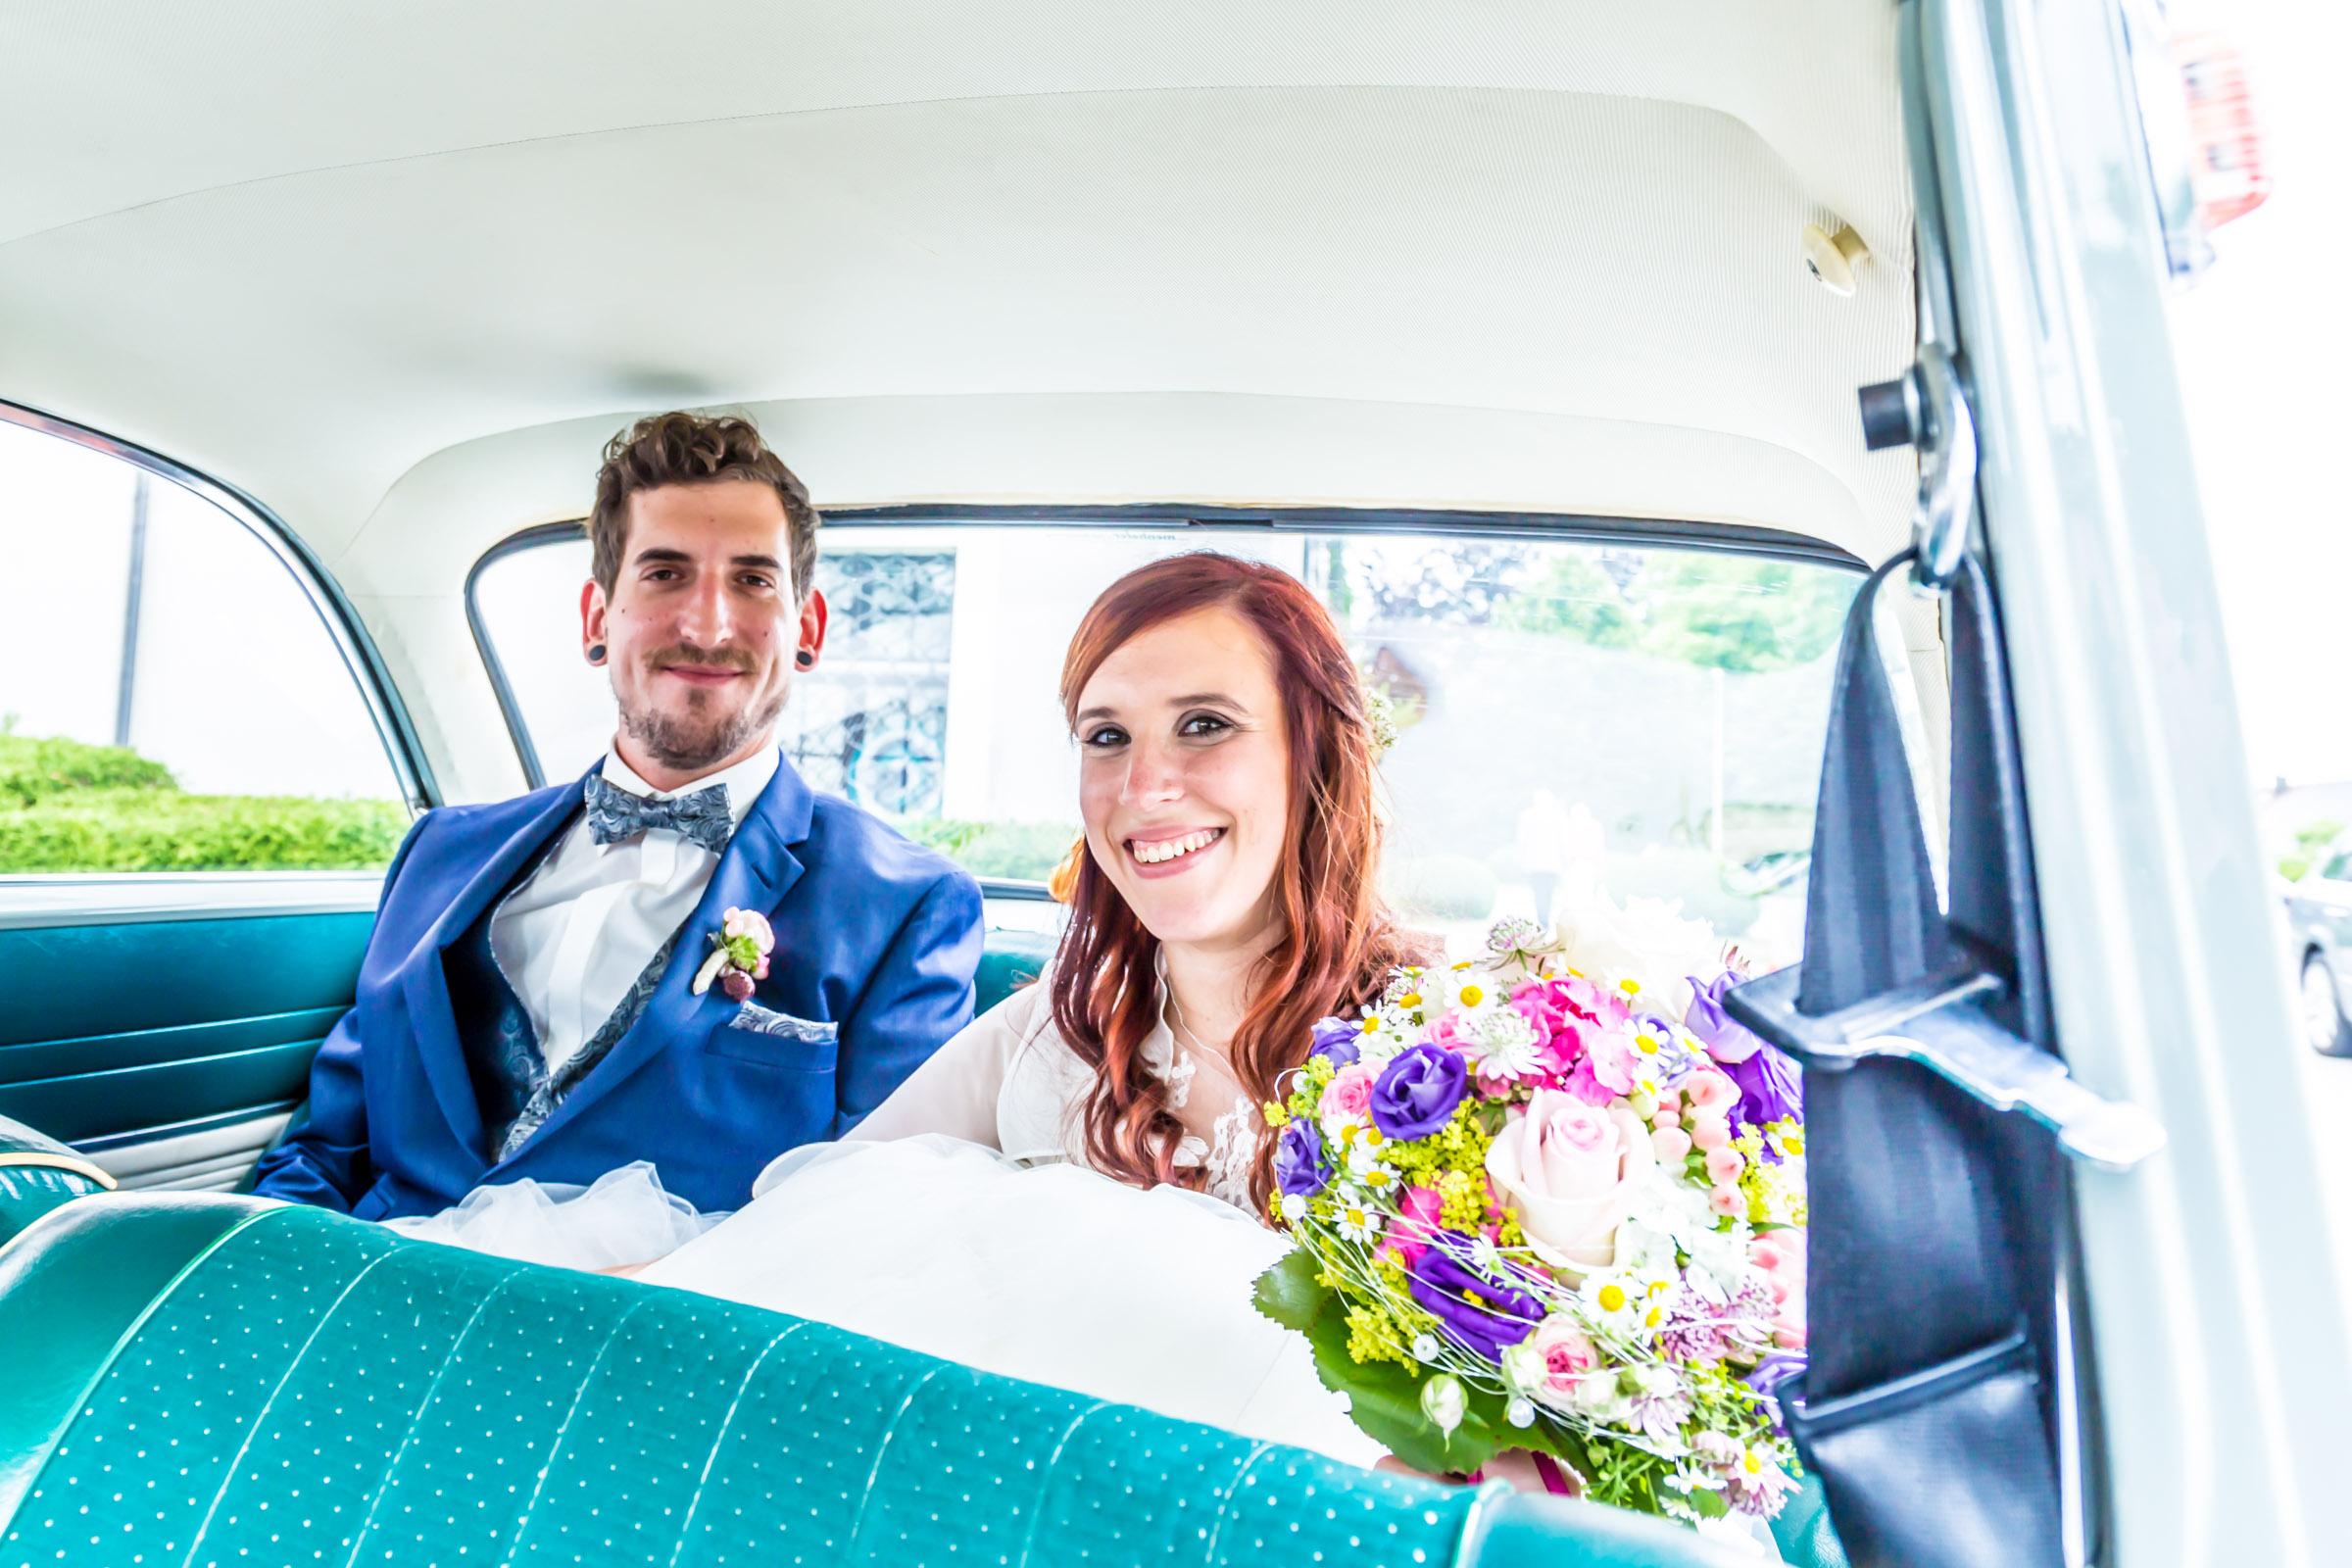 Fotograf Illertal - Christian Milller - Header-Hochzeitsfotografie